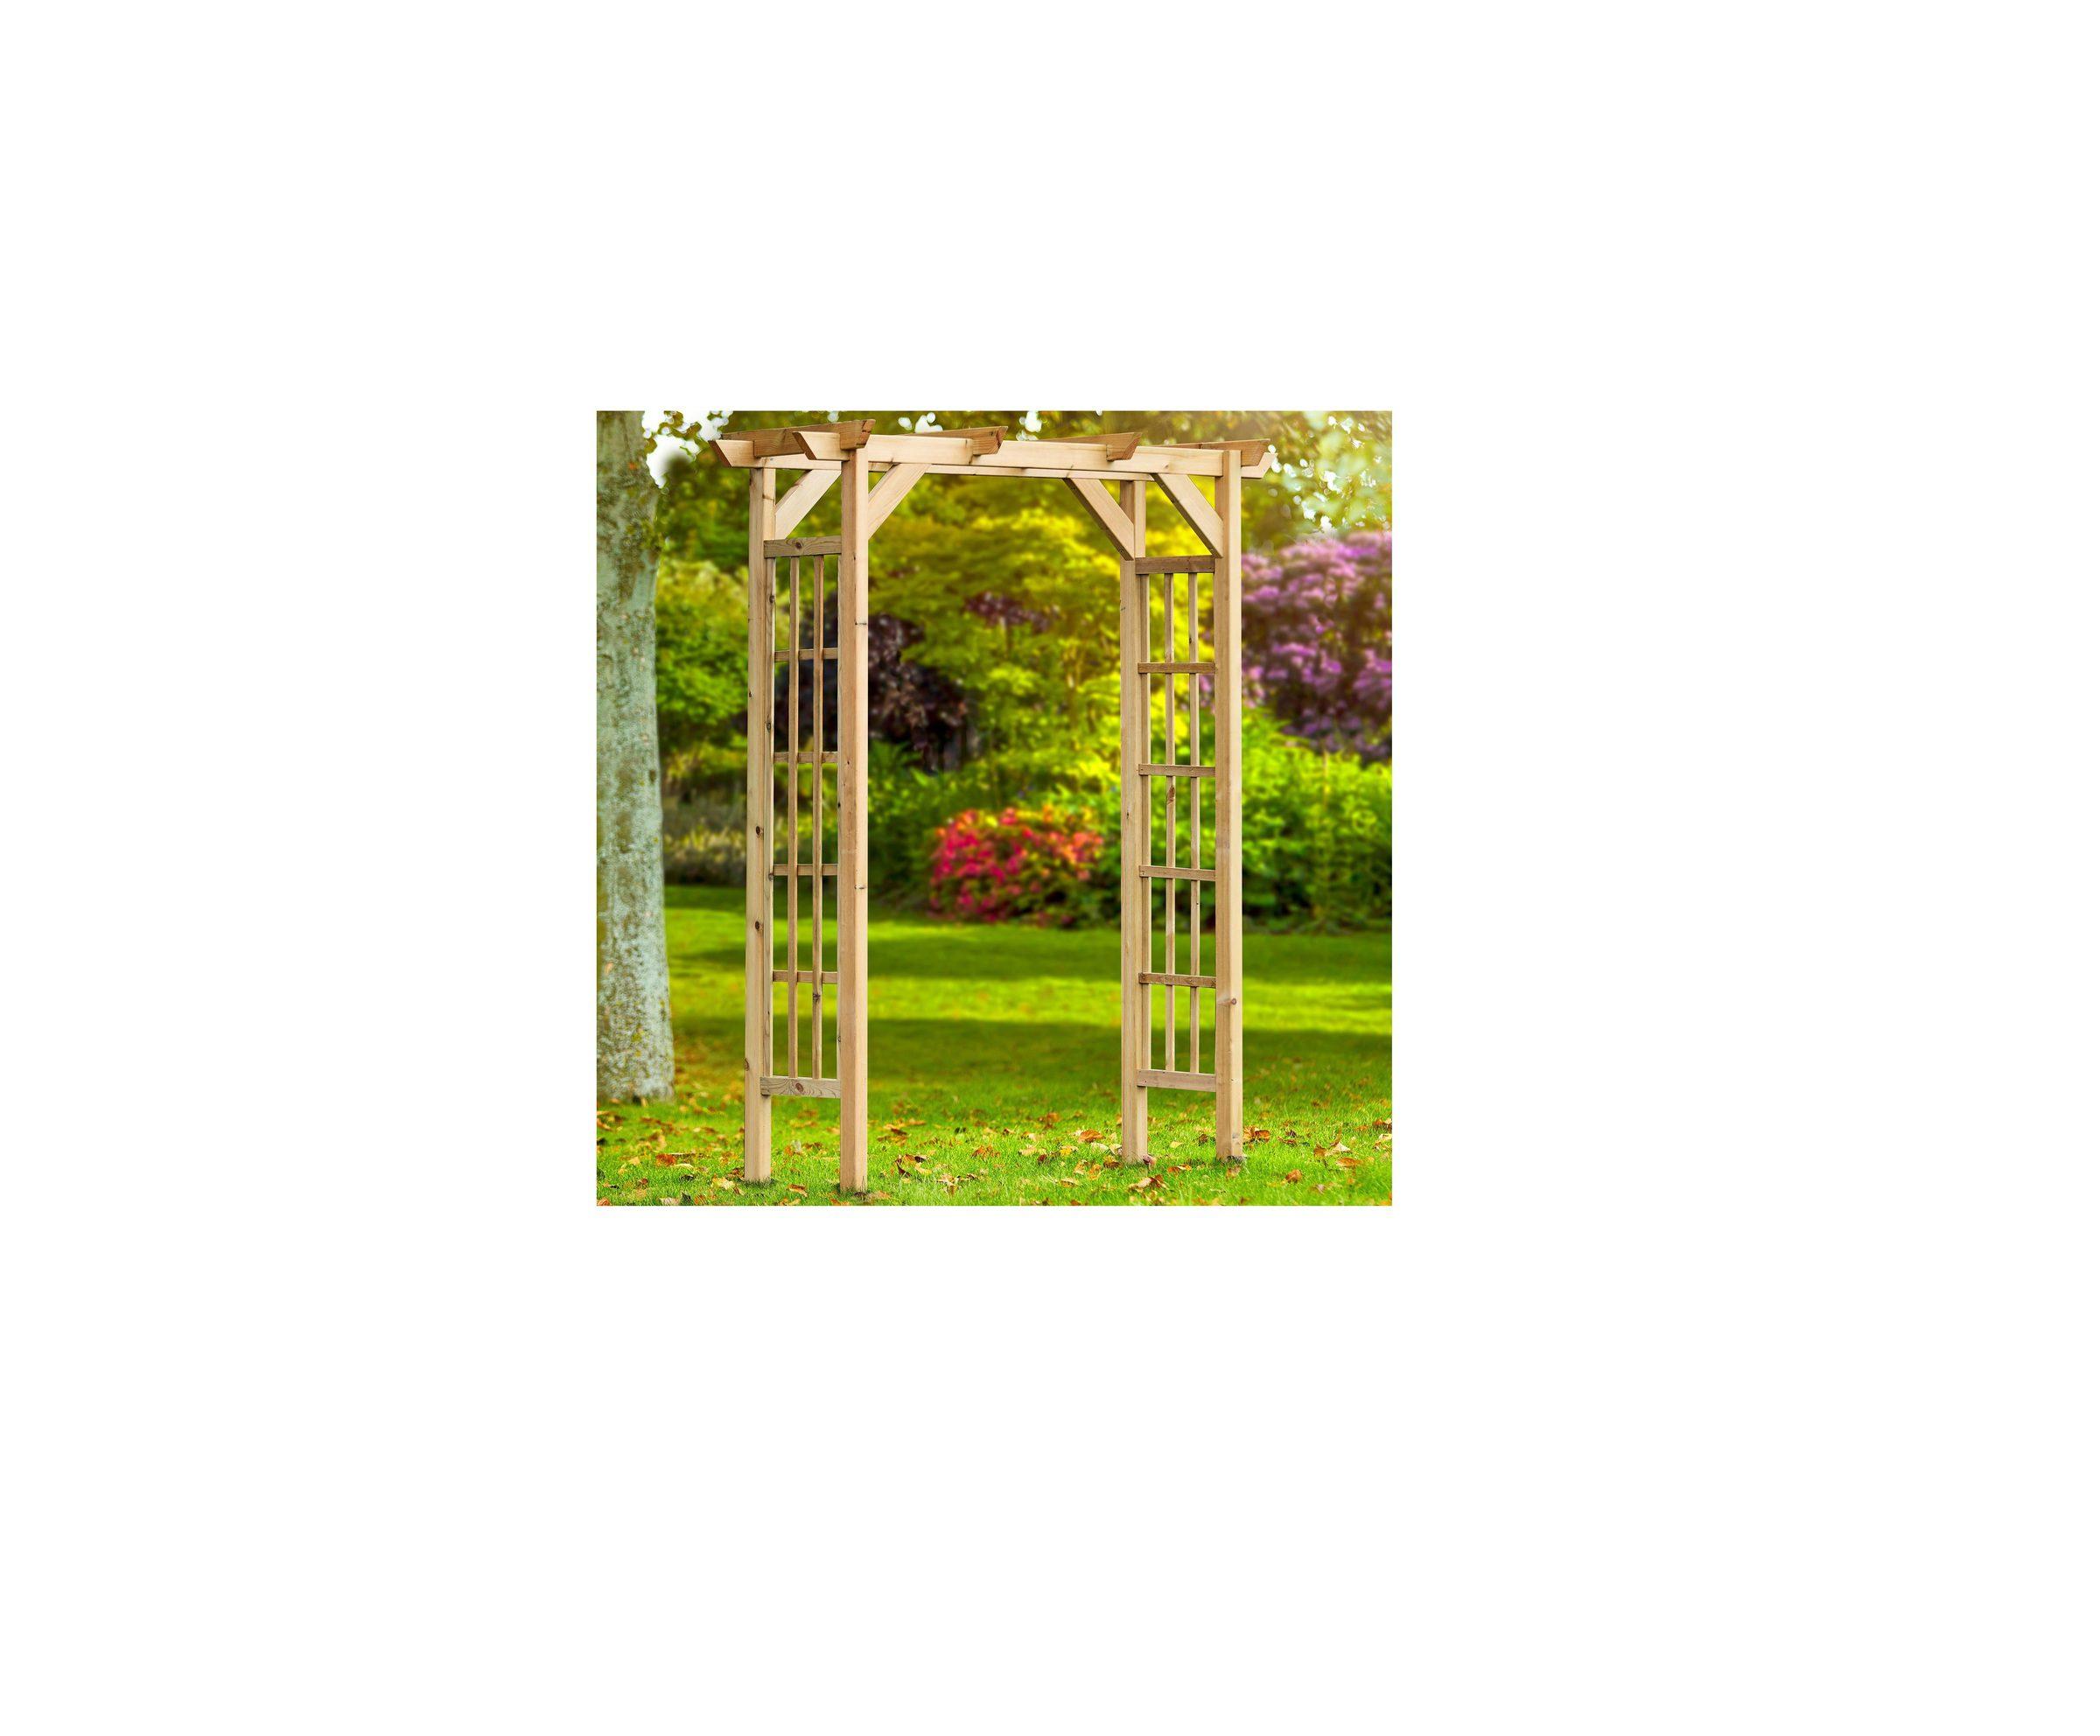 Kelkay Barleywood Garden Arch